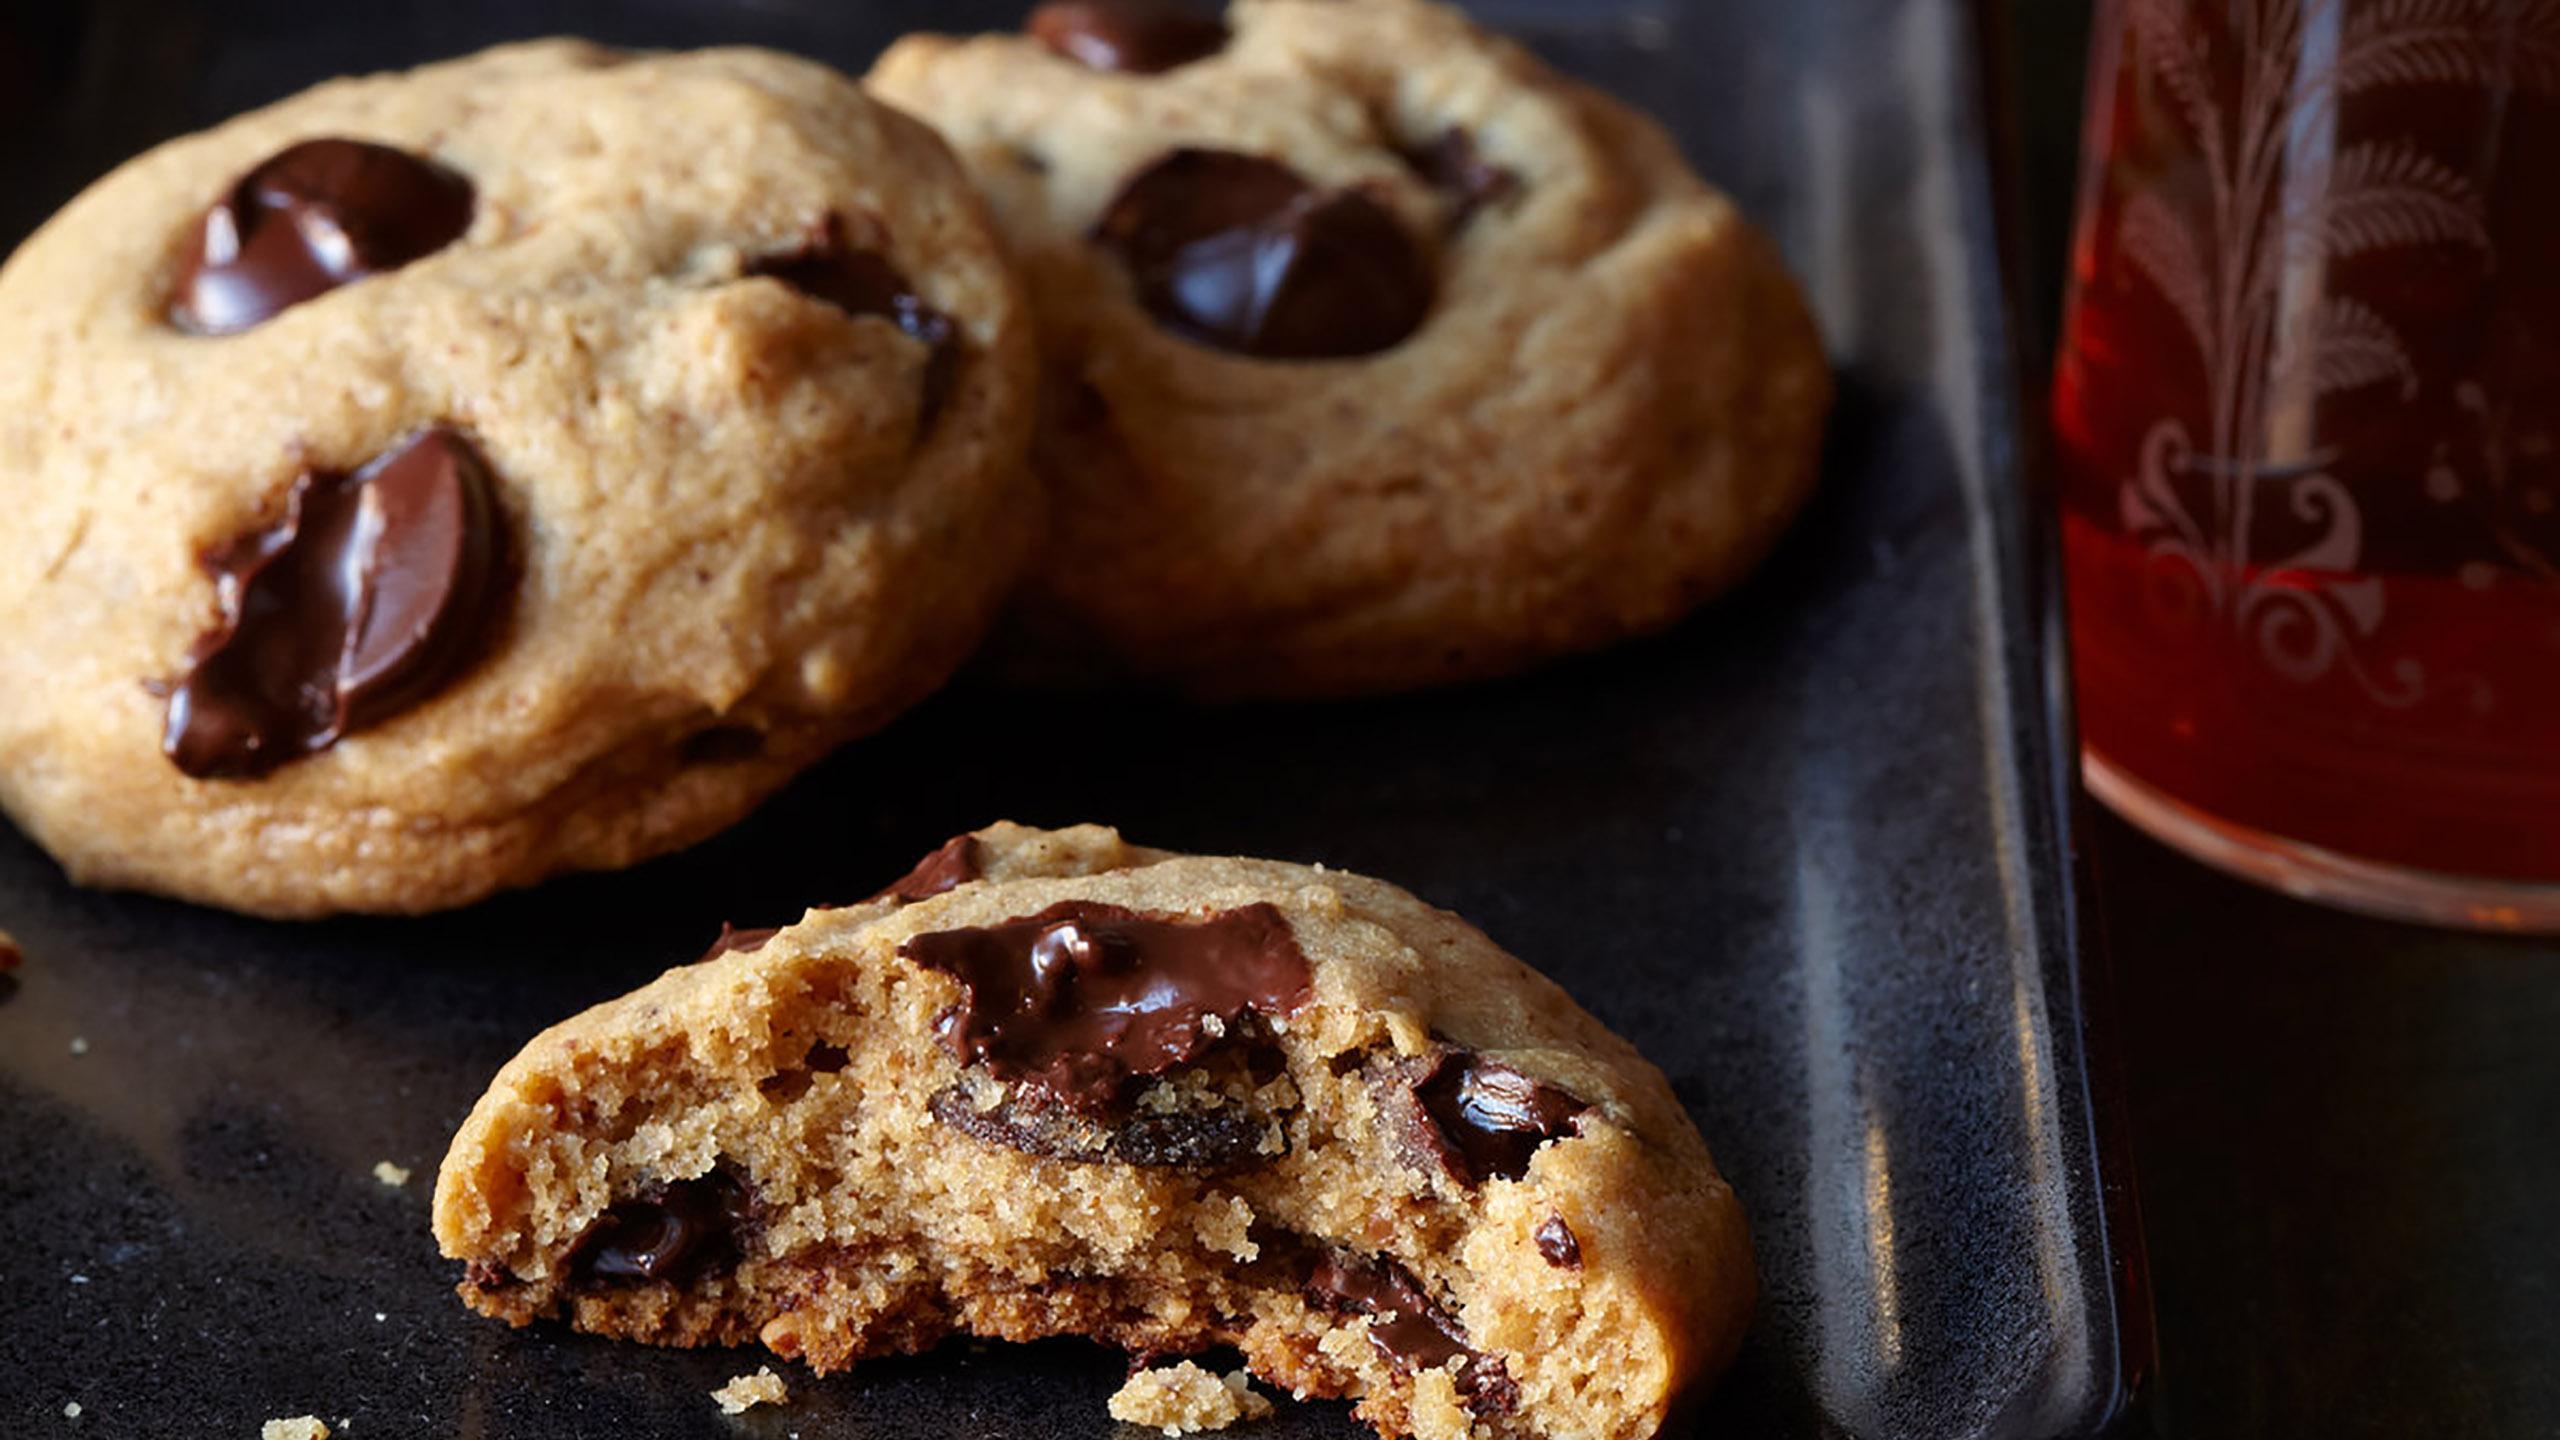 galletas, galletas de avellana, chispas de chocolate